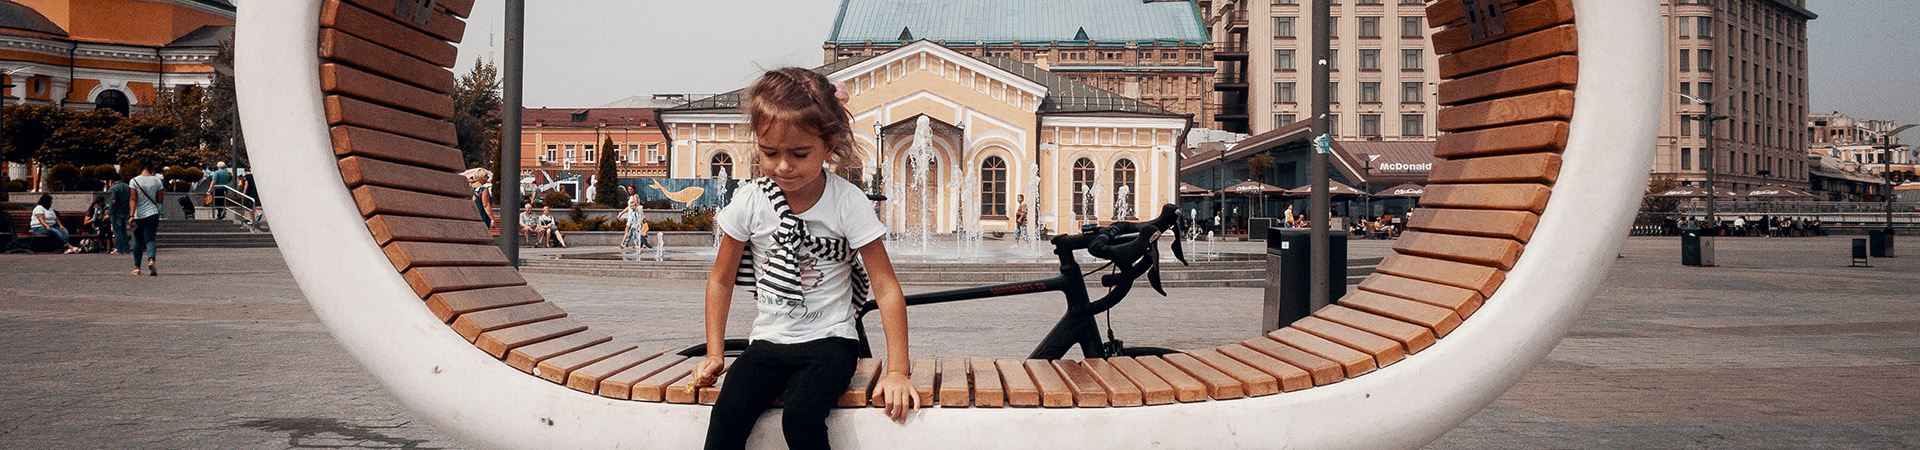 solemn-child_wide-photo